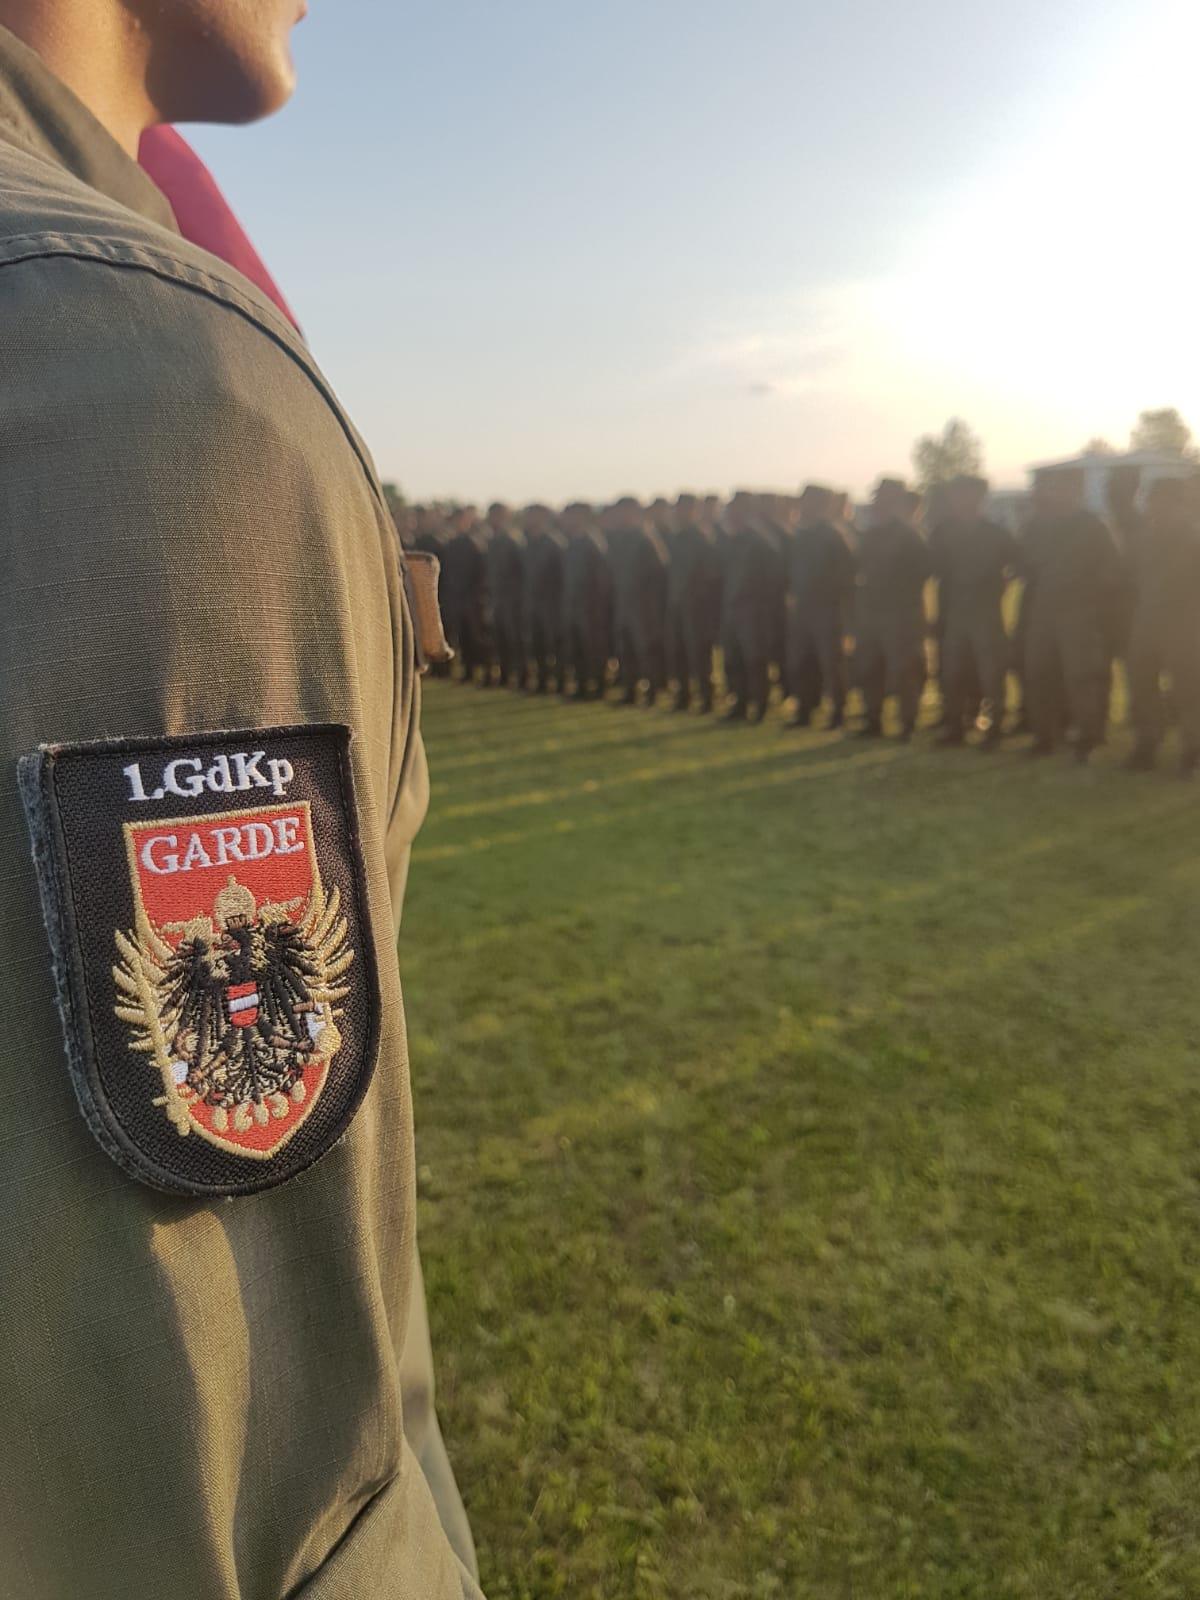 2019_08_01_Garde_1.GdKp_Horn_feierliche-Waffenübergabe-StG58_19